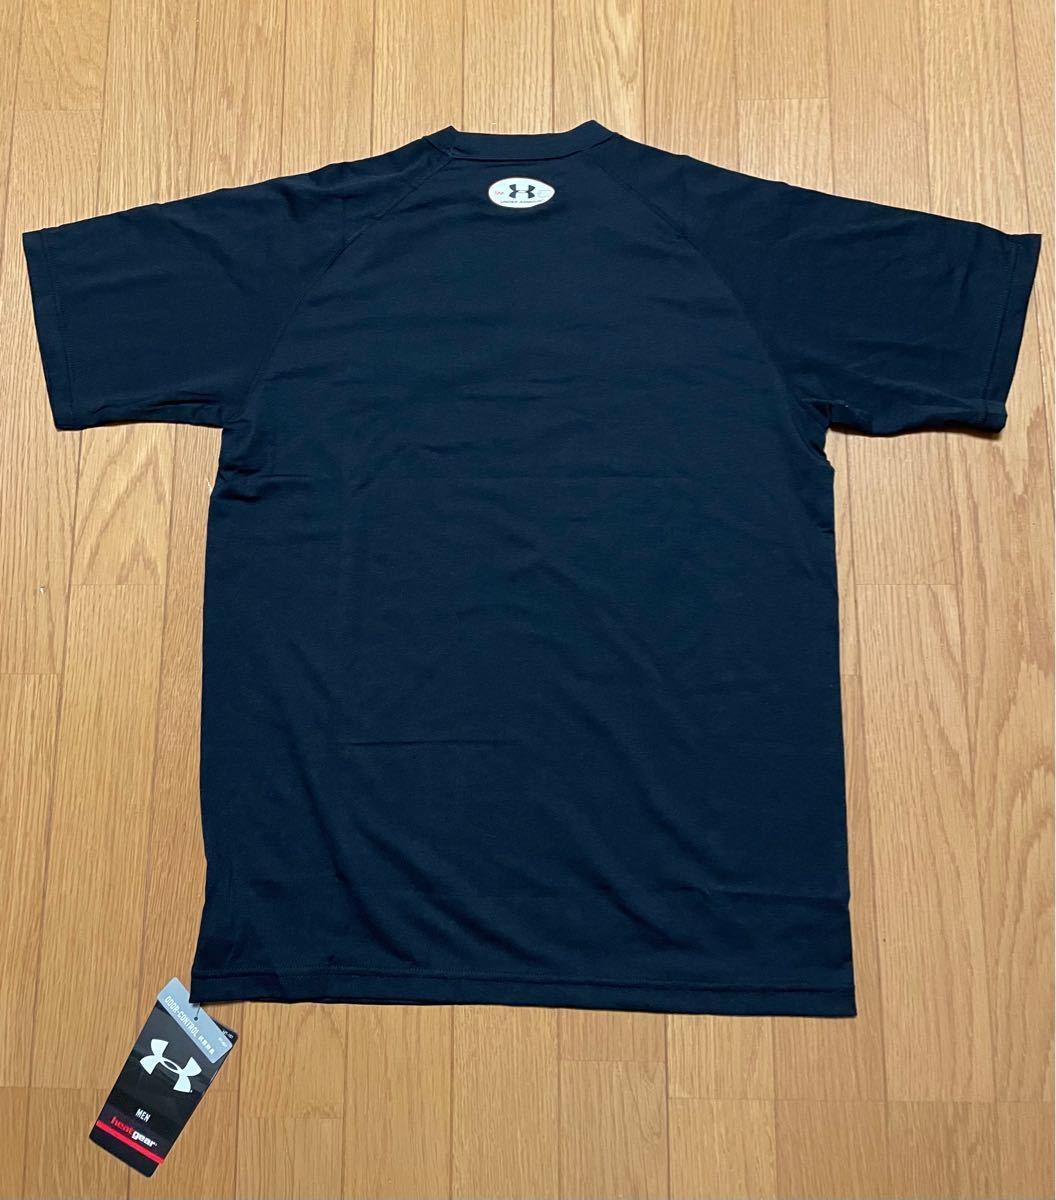 アンダーアーマー 半袖トレーニングTシャツ SMサイズ 新品未使用タグ付 UNDER ARMOUR